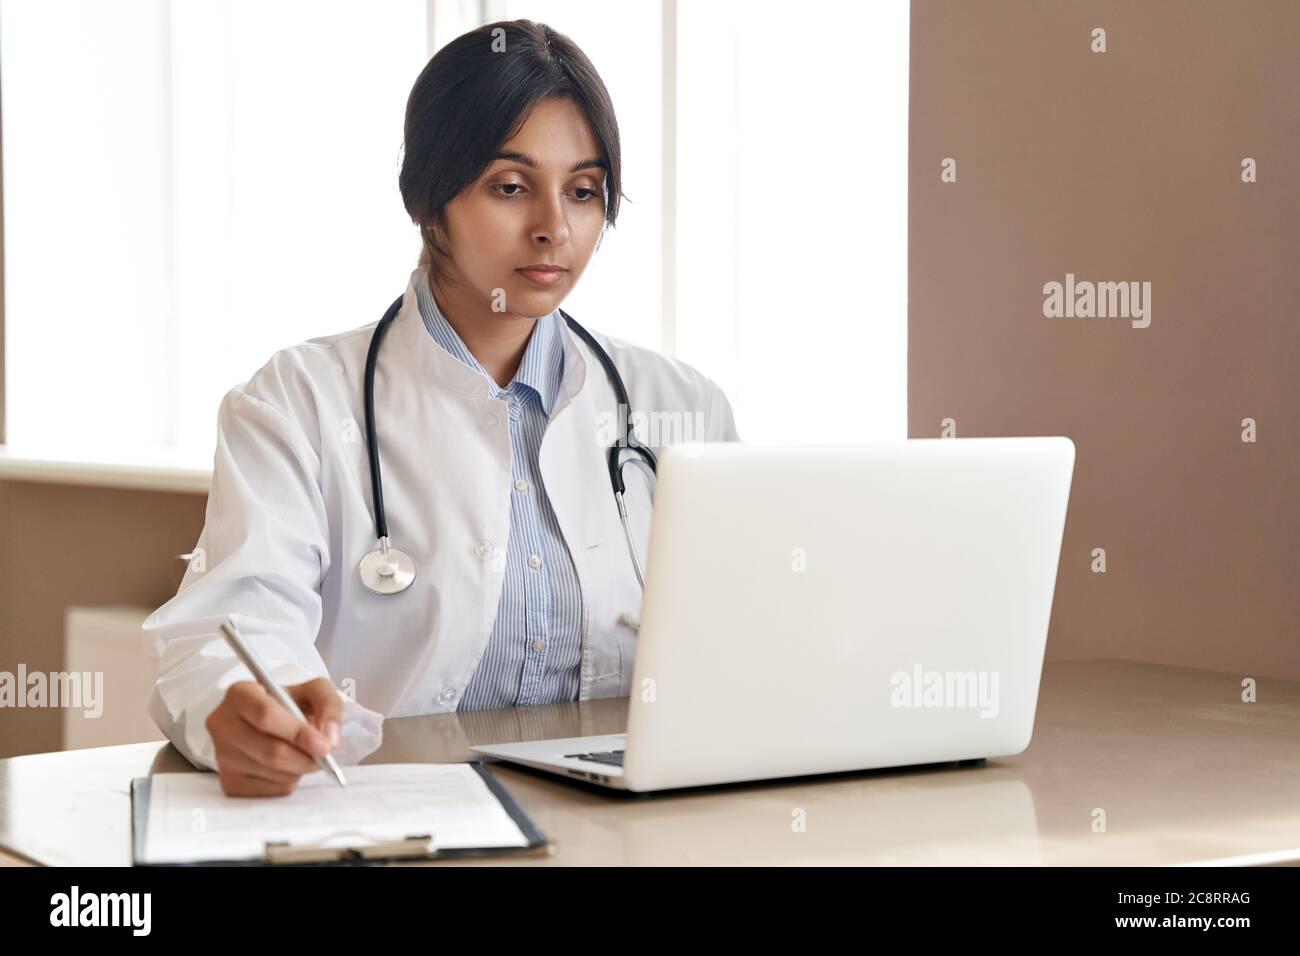 Indische Ärztin beim Online-Training Webinar auf Laptop bei der Arbeit. Stockfoto